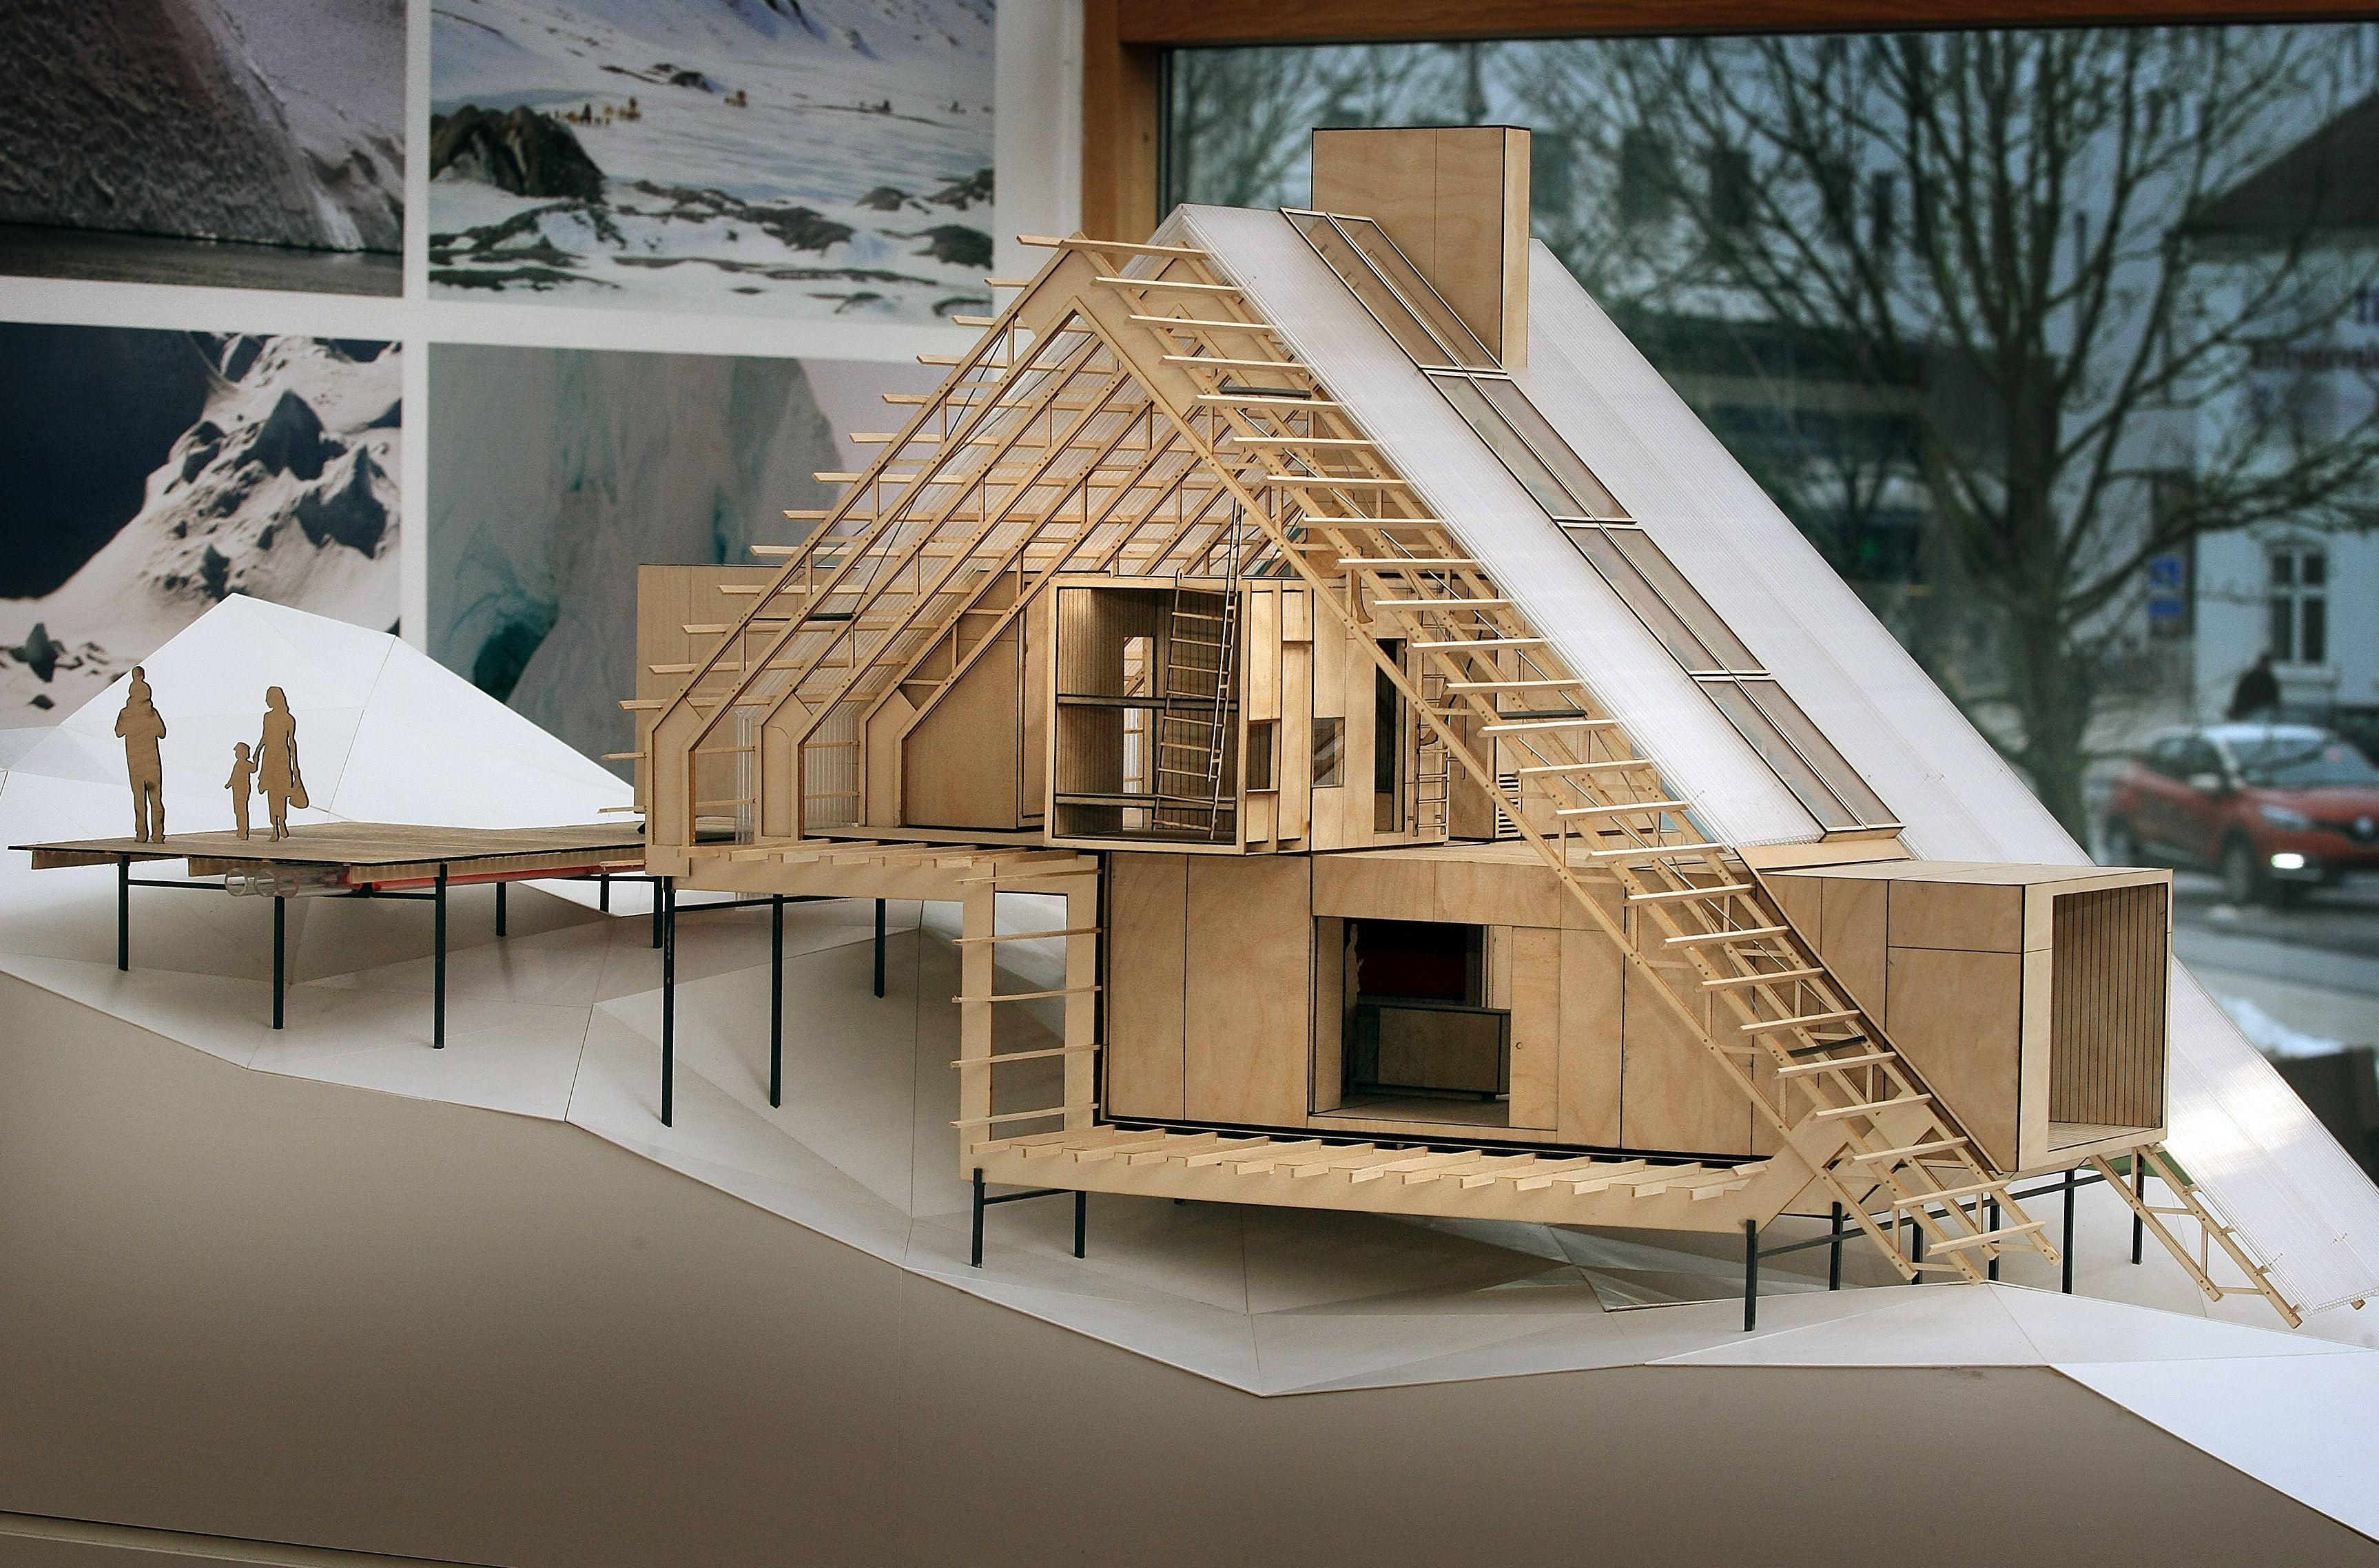 Possible greenland models maqueta arquitectura for Arquitectura y diseno de casas modernas